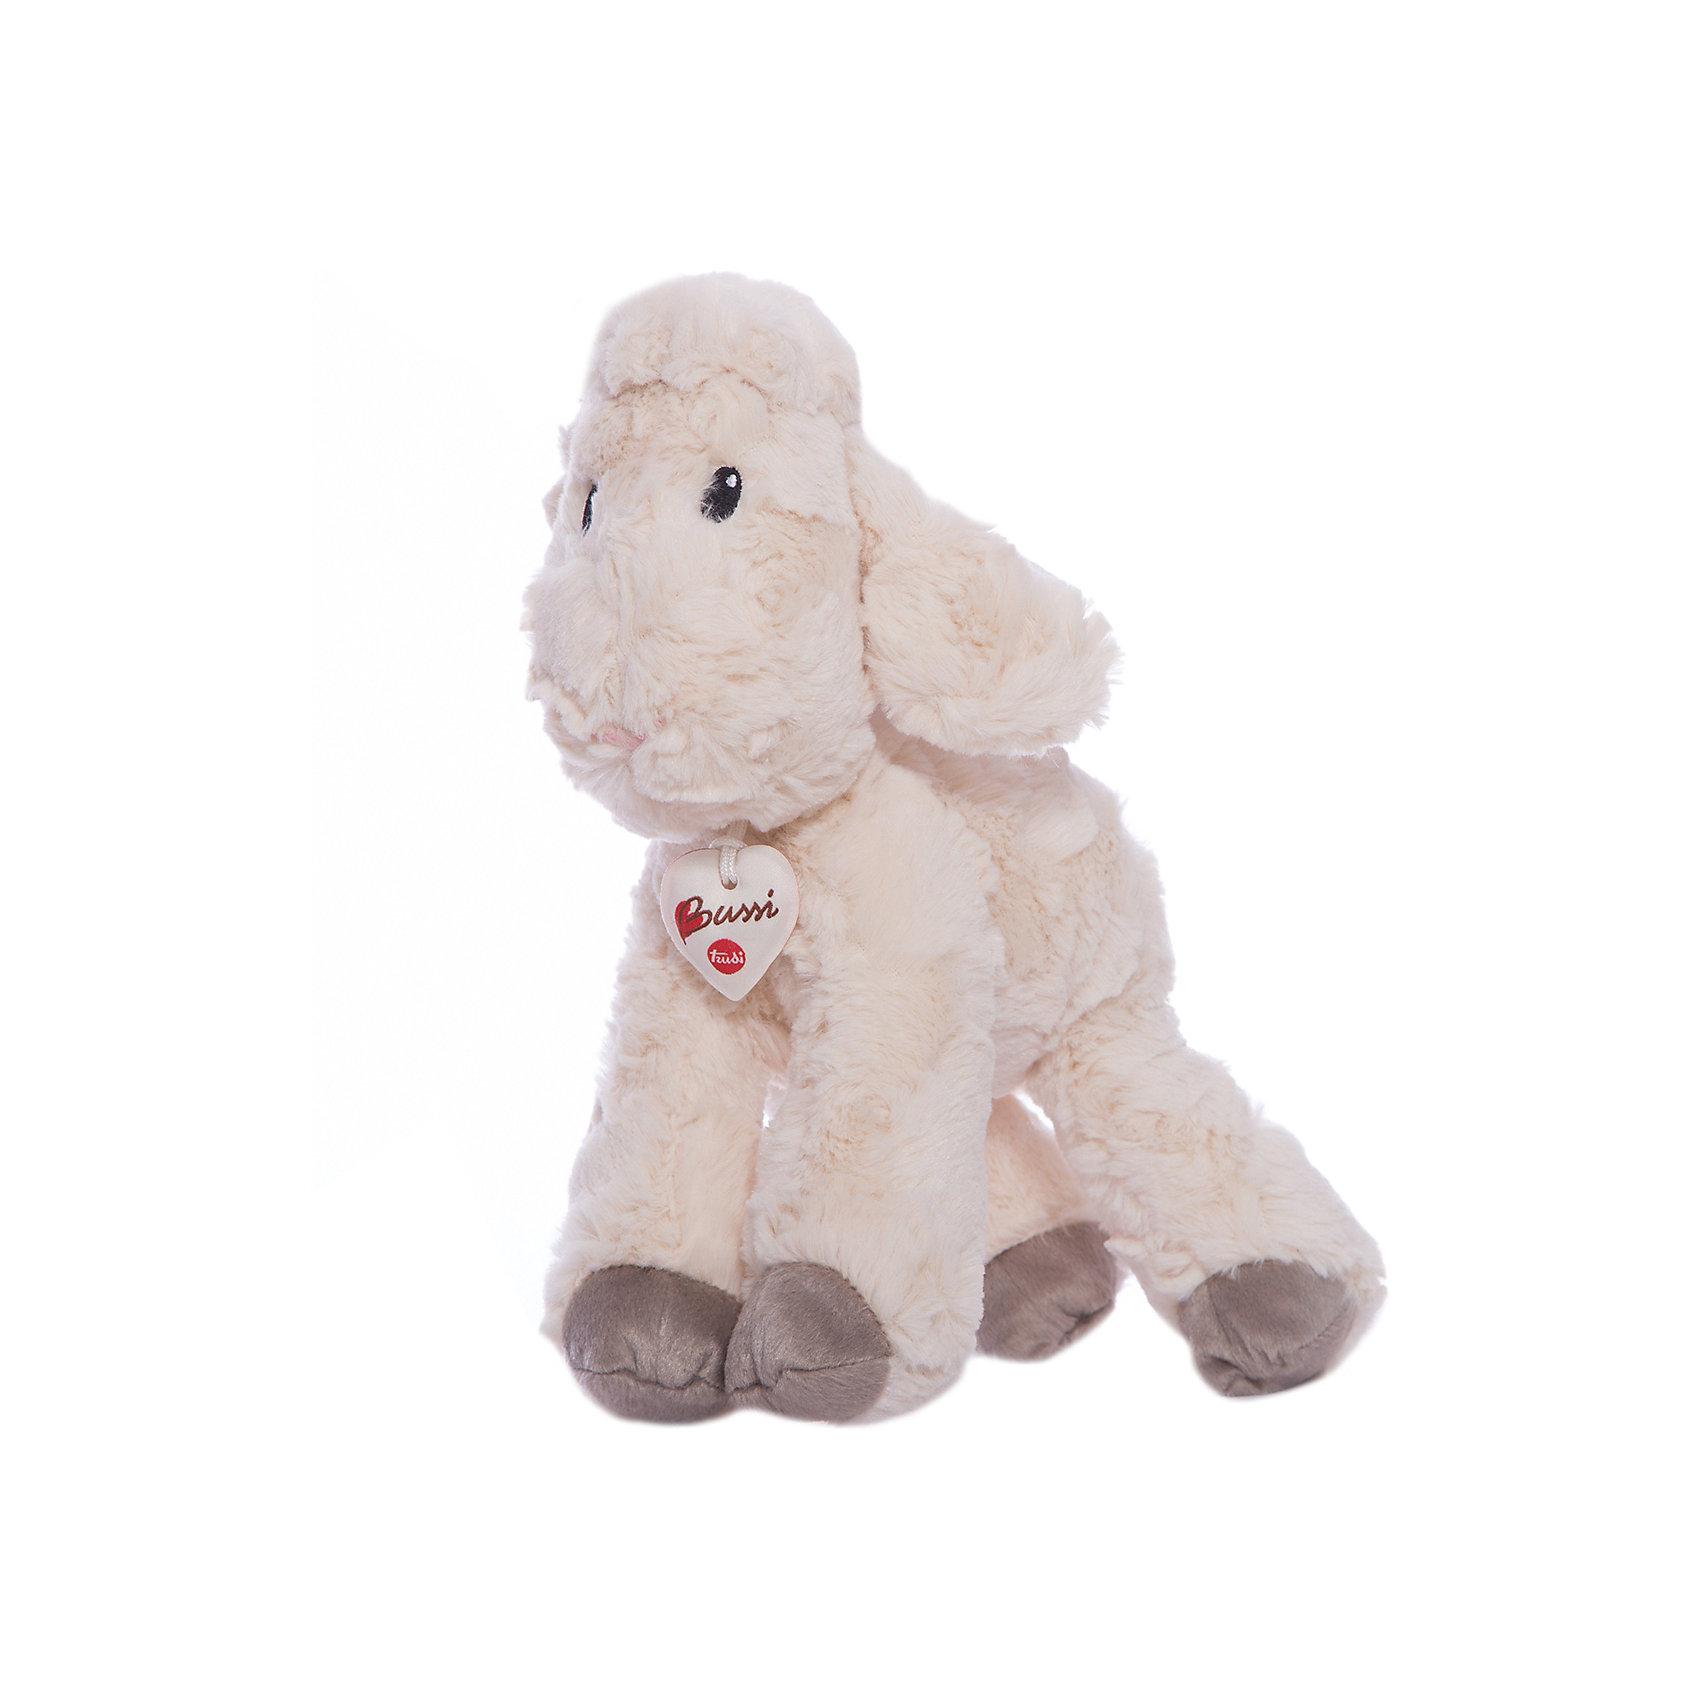 Белая овечка, 38 см, TrudiОчаровательная овечка от Trudi станет лучшим другом вашему малышу! У милой овечки очень мягкая шерстка, маленький розовый носик, добрые озорные глаза - с ней будет очень весело играть днем и спокойно и уютно засыпать ночью. Игрушка изготовлена из высококачественных нетоксичных, экологичных материалов абсолютно безопасных для детей. Благодаря тщательной проработке всех деталей, кошка выглядит очень реалистично, что, несомненно, порадует ребенка. Прекрасный подарок на любой праздник!<br><br>Дополнительная информация:<br><br>- Материал: плюш, пластик, текстиль, искусственный мех. <br>- Высота: 38 см. <br>- Допускается машинная стирка при деликатной режиме (30 ?).<br><br>Белую овечку, 38 см, Trudi (Труди), можно купить в нашем магазине.<br><br>Ширина мм: 280<br>Глубина мм: 250<br>Высота мм: 380<br>Вес г: 250<br>Возраст от месяцев: 12<br>Возраст до месяцев: 2147483647<br>Пол: Унисекс<br>Возраст: Детский<br>SKU: 5055250